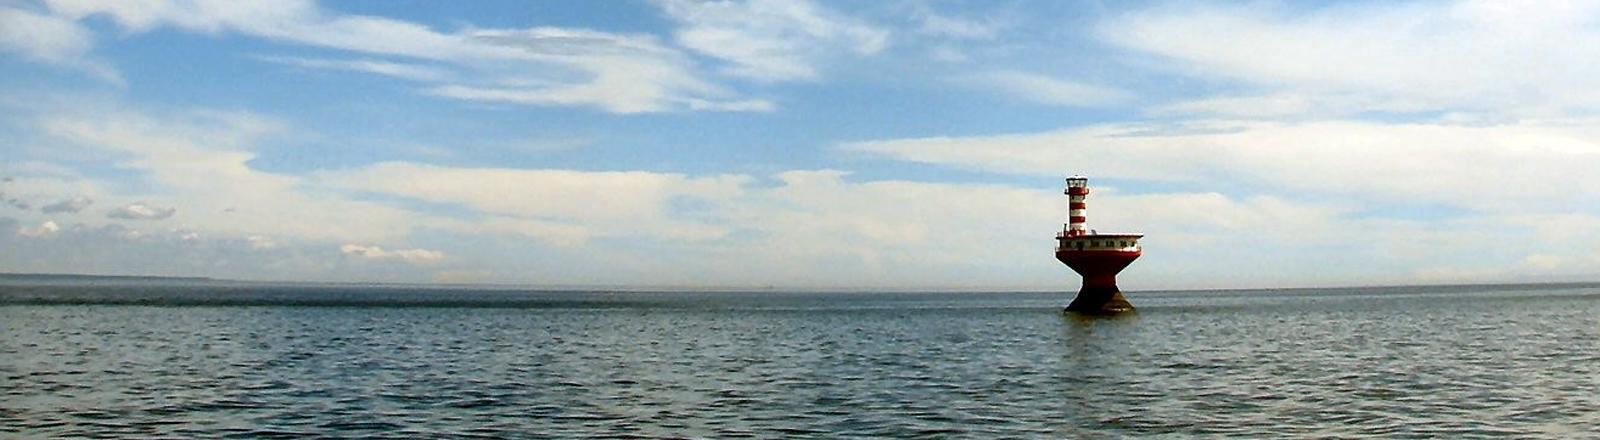 Bohrinsel im Meer.